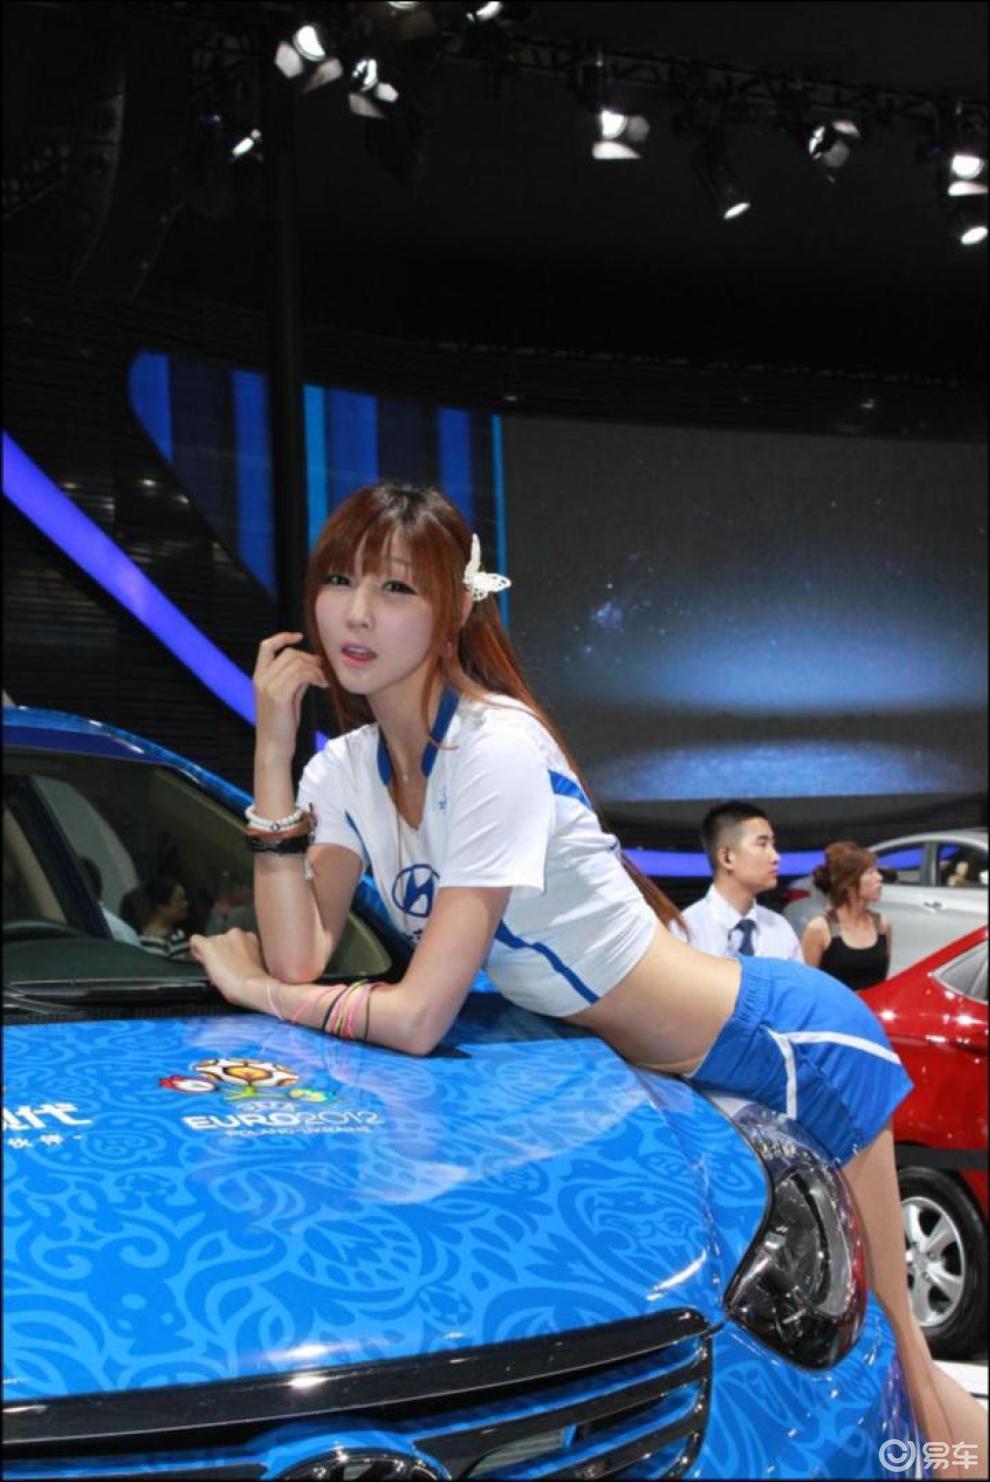 【北京现代美女车模图片】 易车网bitautocom 竖